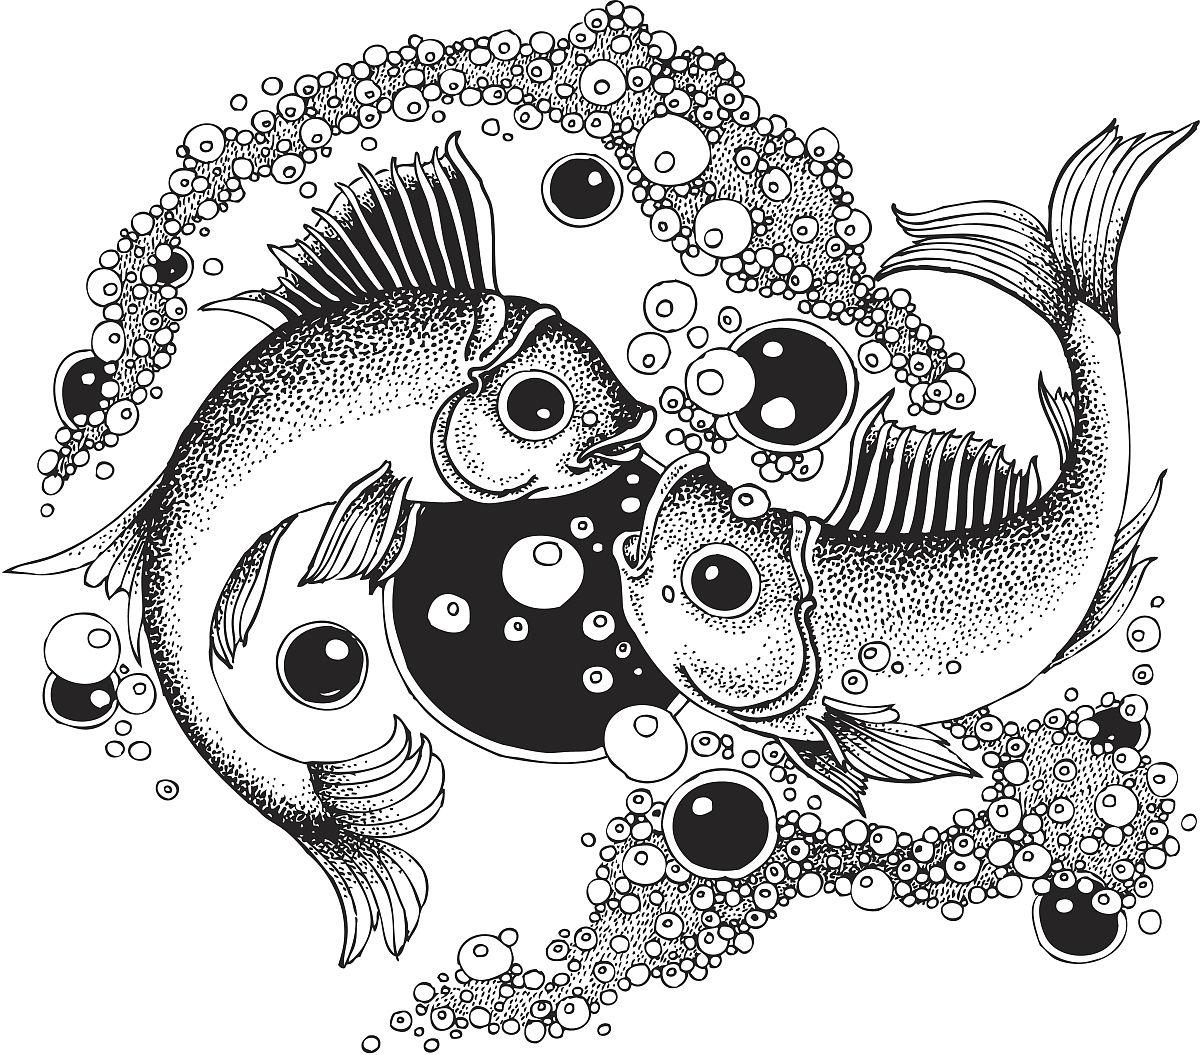 动物,饮用水,咸水鱼,无人,黑白图片,矢量,水,古典风格,暗角,式样,绘画图片